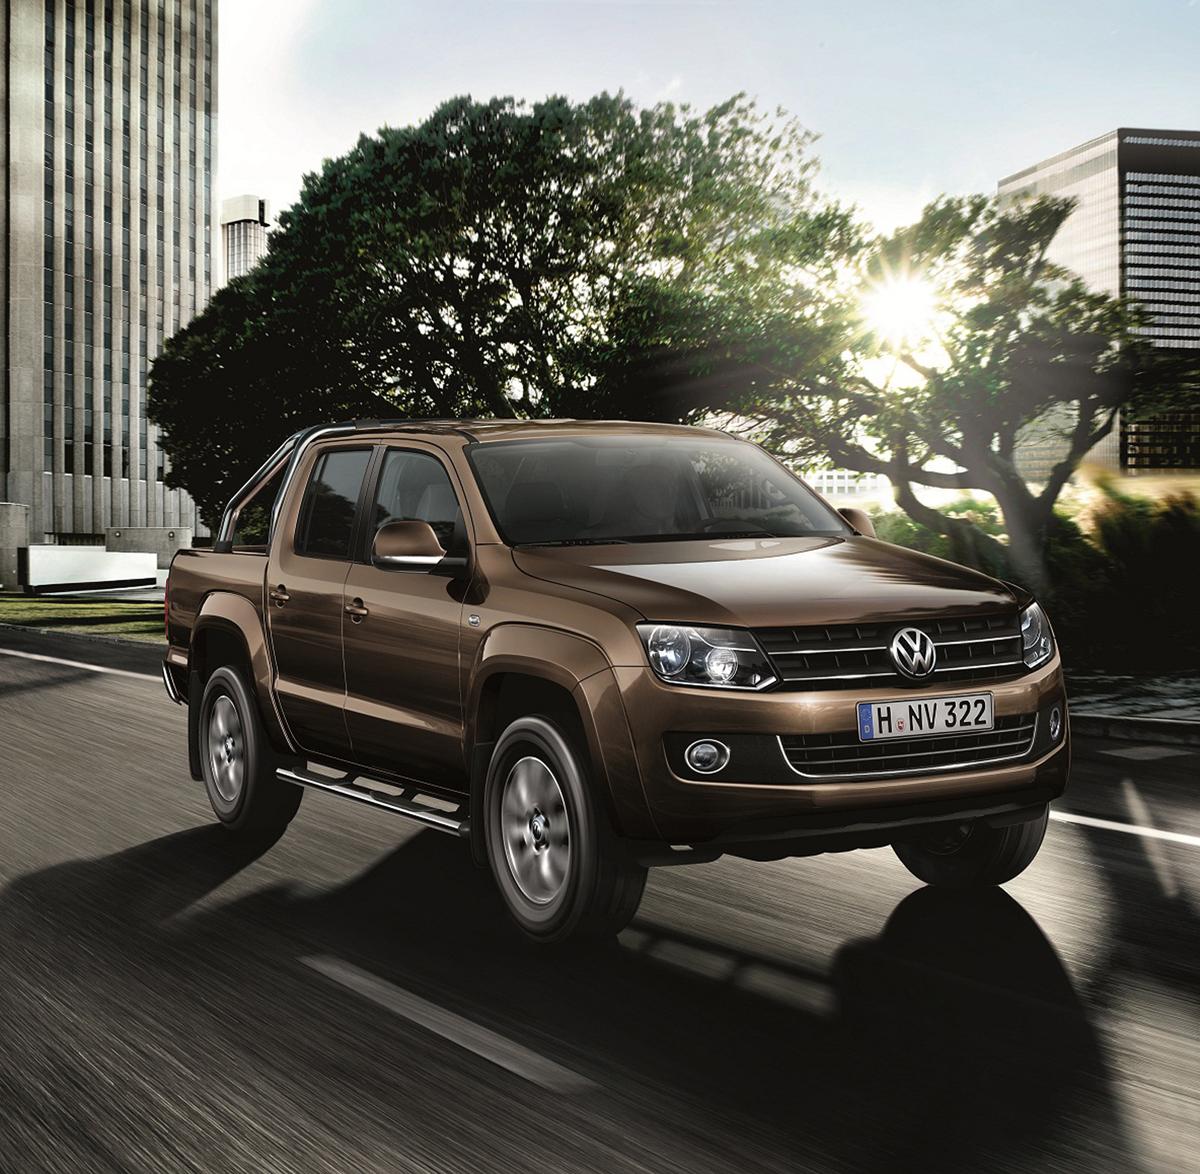 Volkswagen Amarok Highline Edition 2014